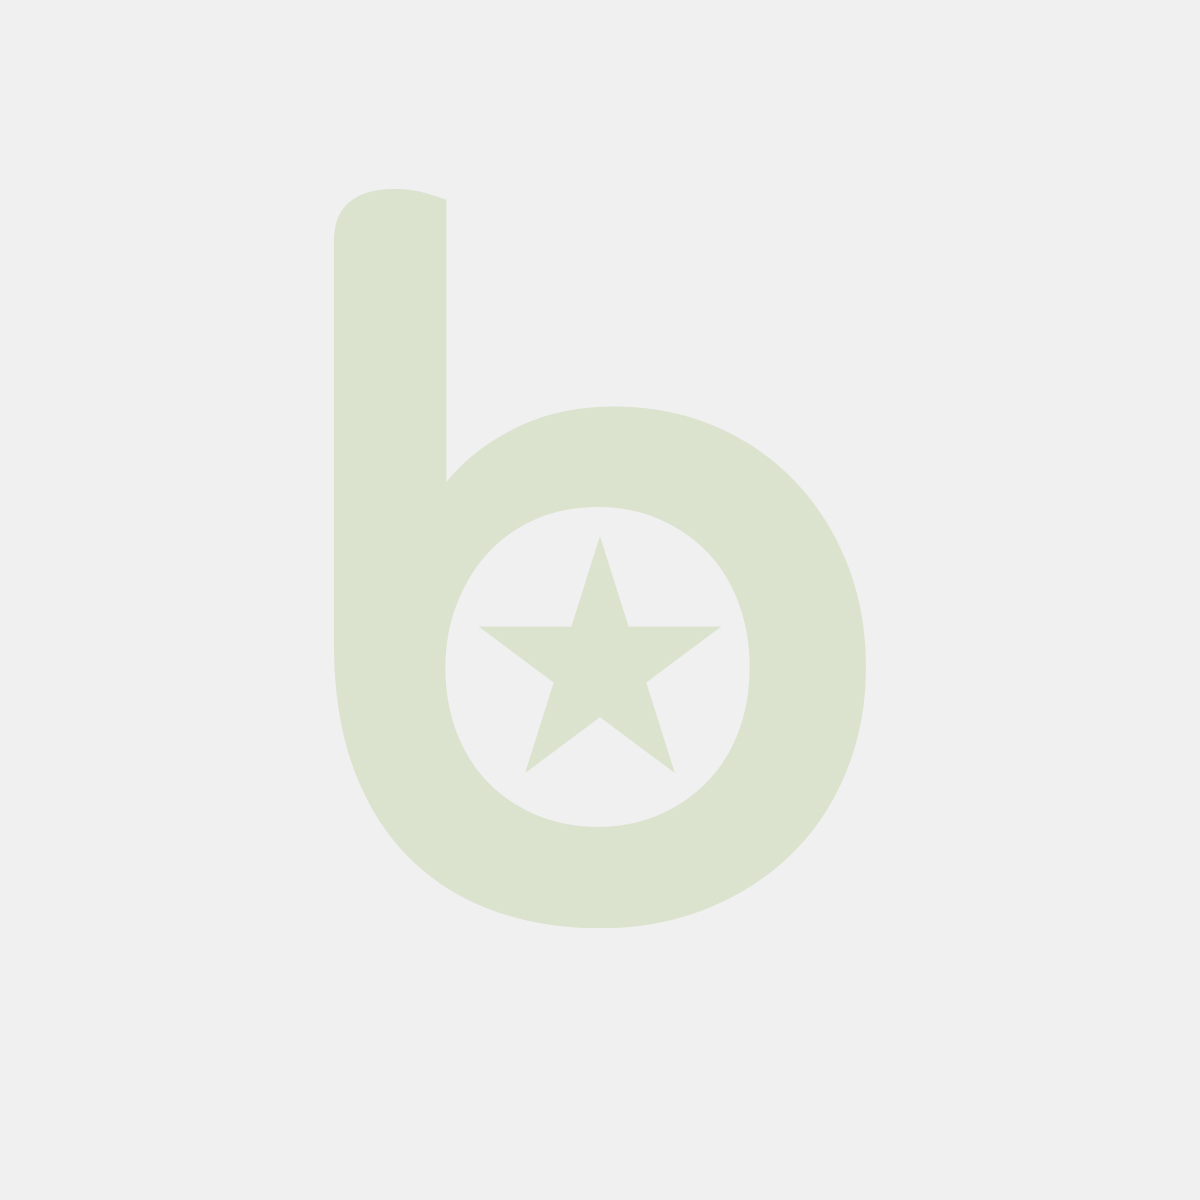 Obrus papierowy 1,2m x 8m pastelowa zieleń, wytłoczenie damaszkowe